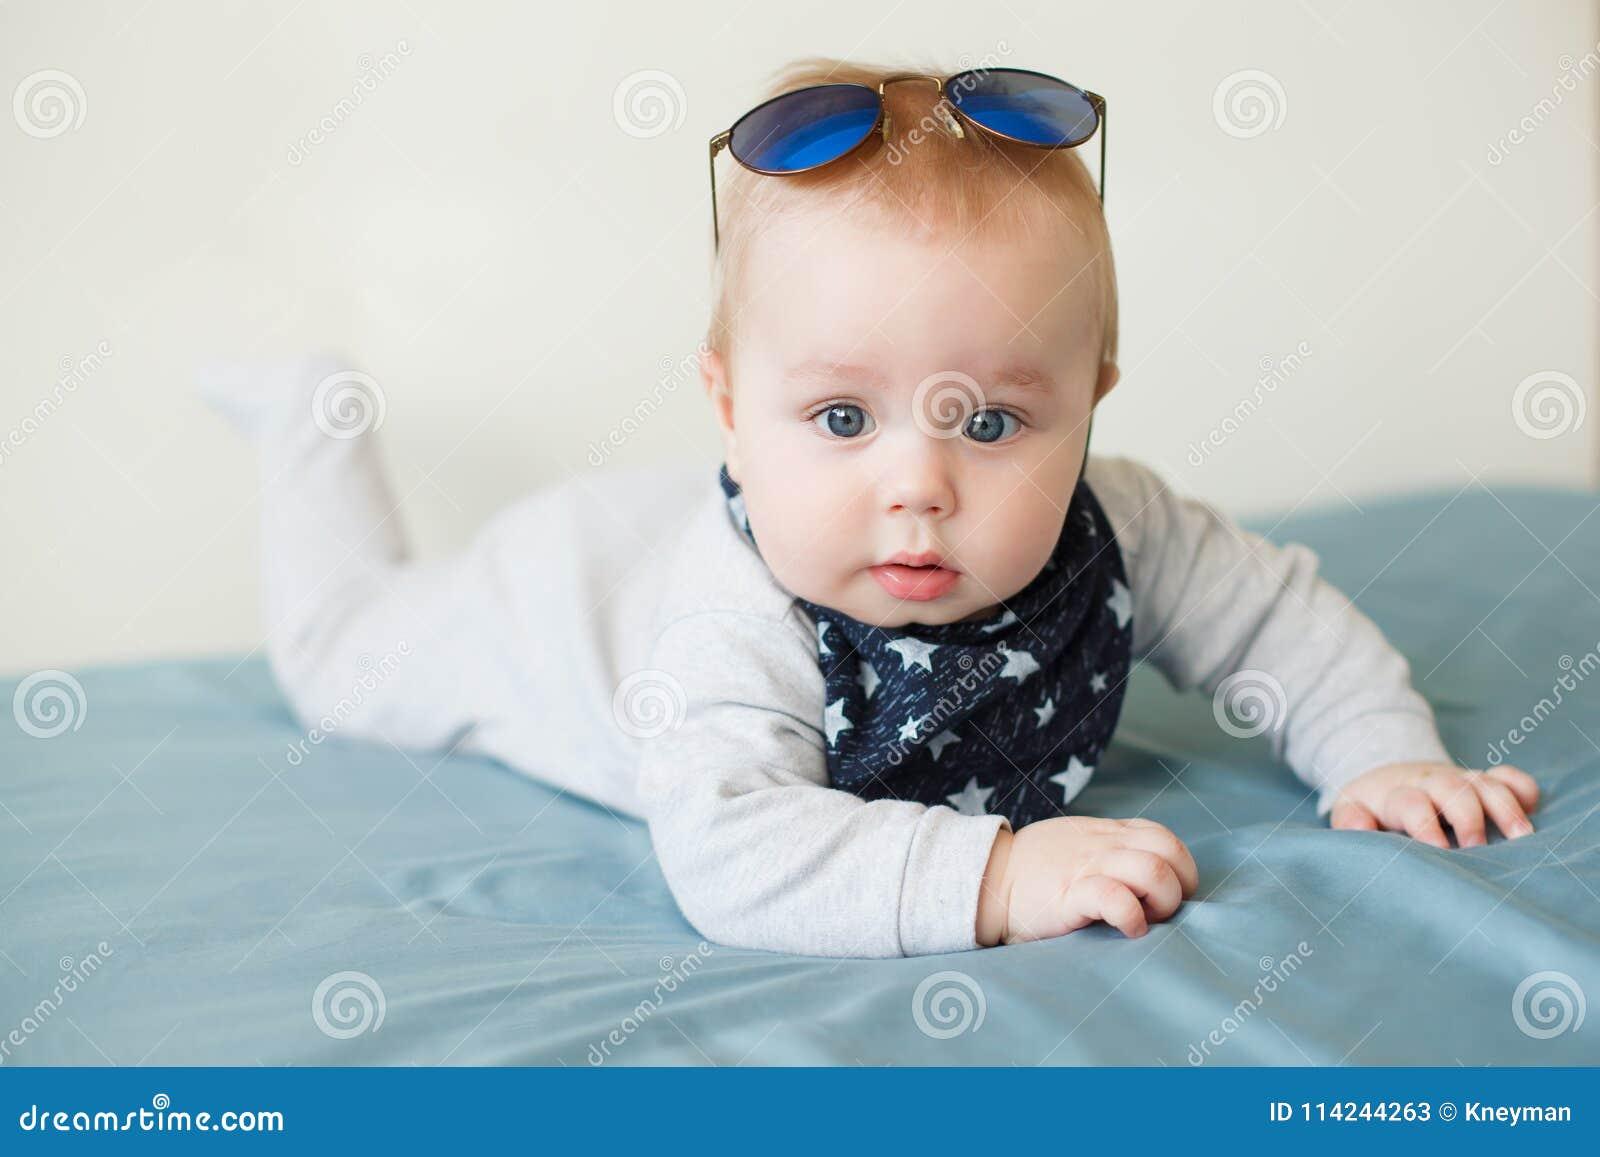 Petit bébé garçon drôle avec de grands yeux bleus et lunettes de soleil sur  sa tête 067e36b3972c